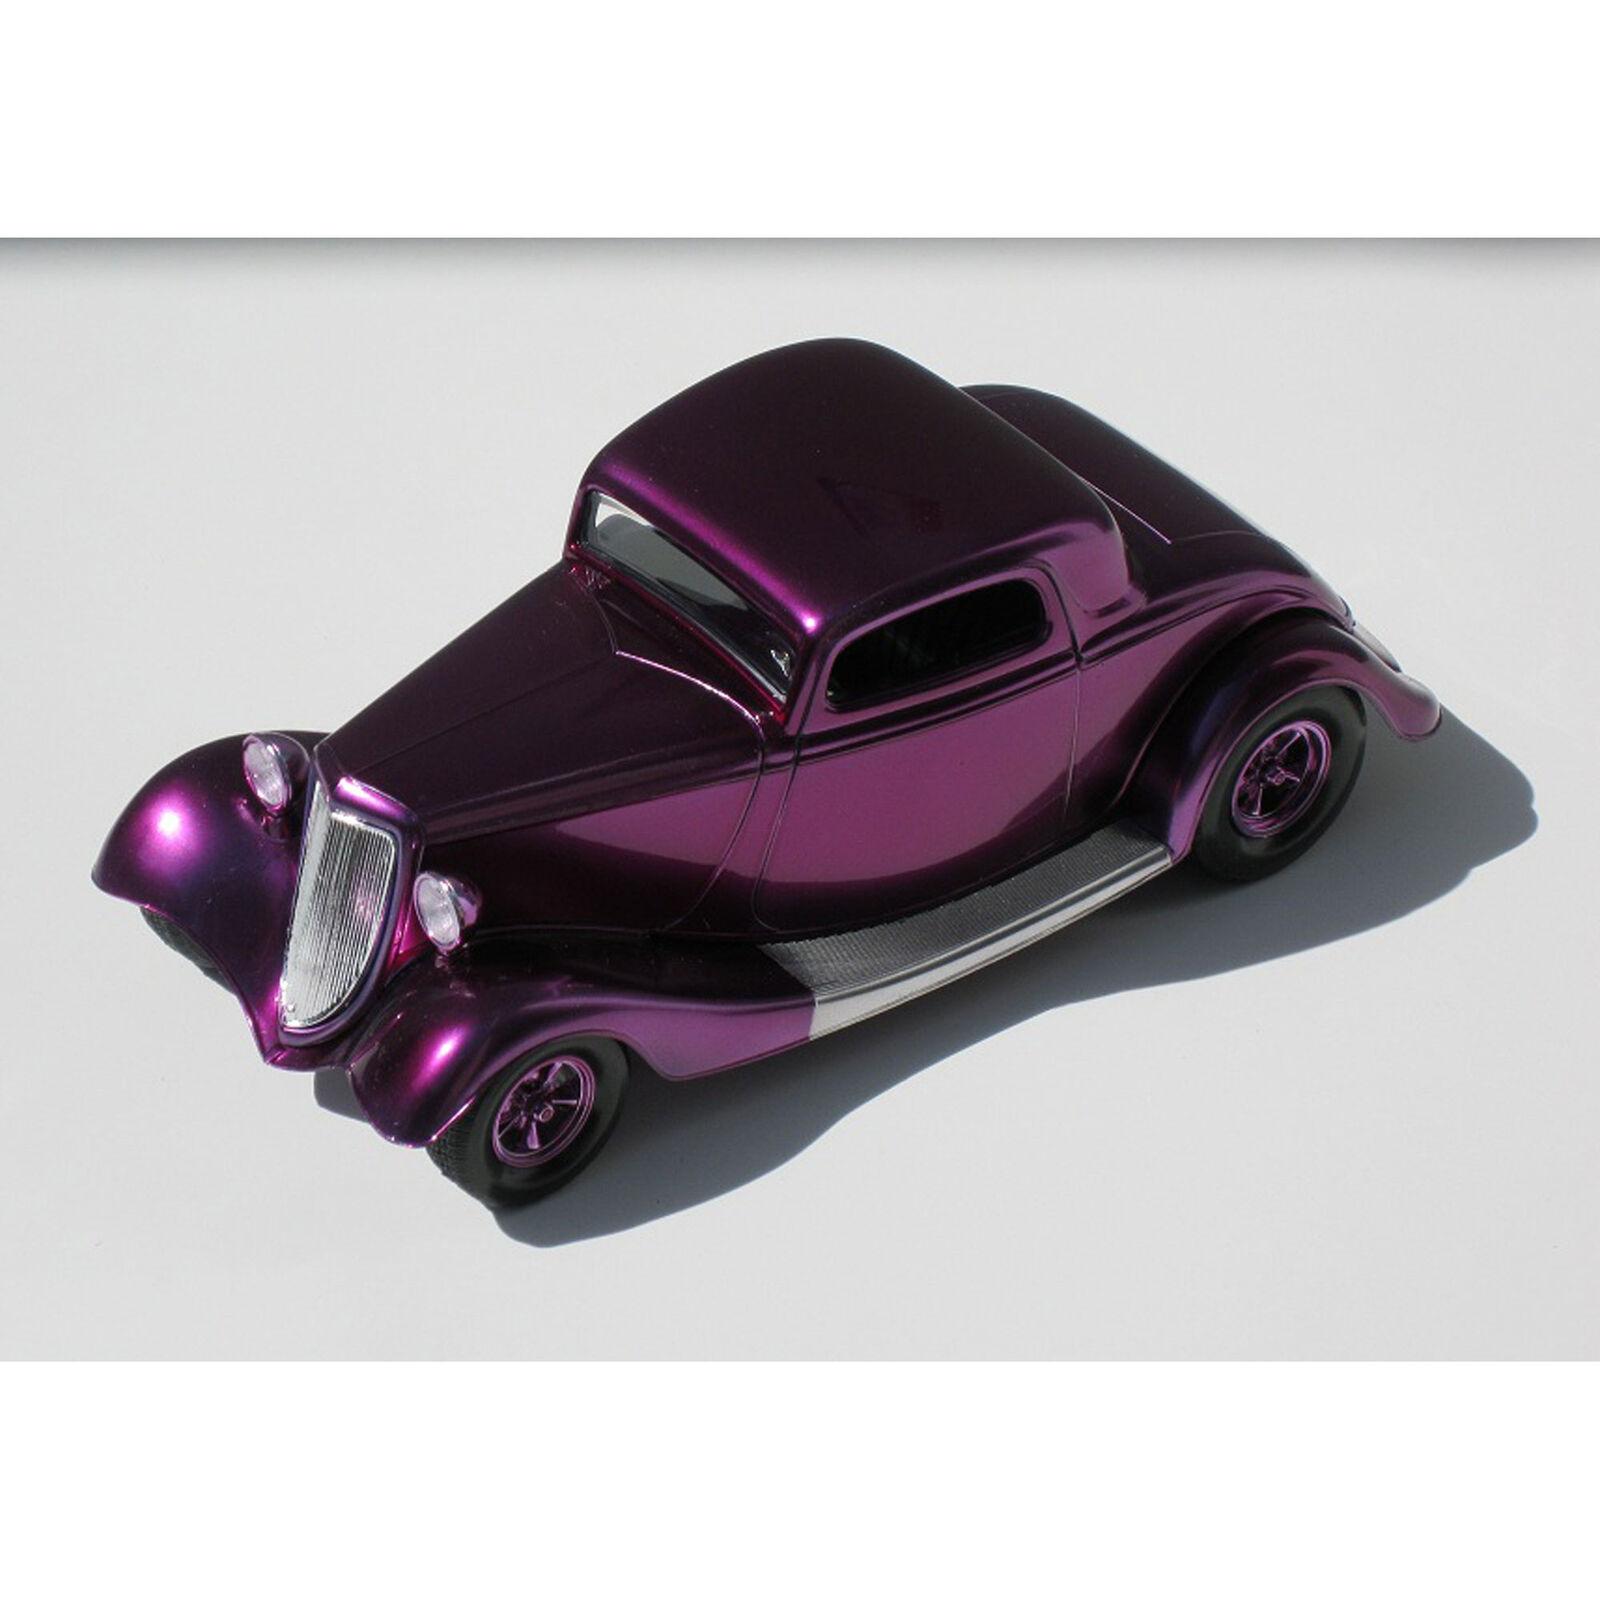 Candy Violet Enamel, 1oz